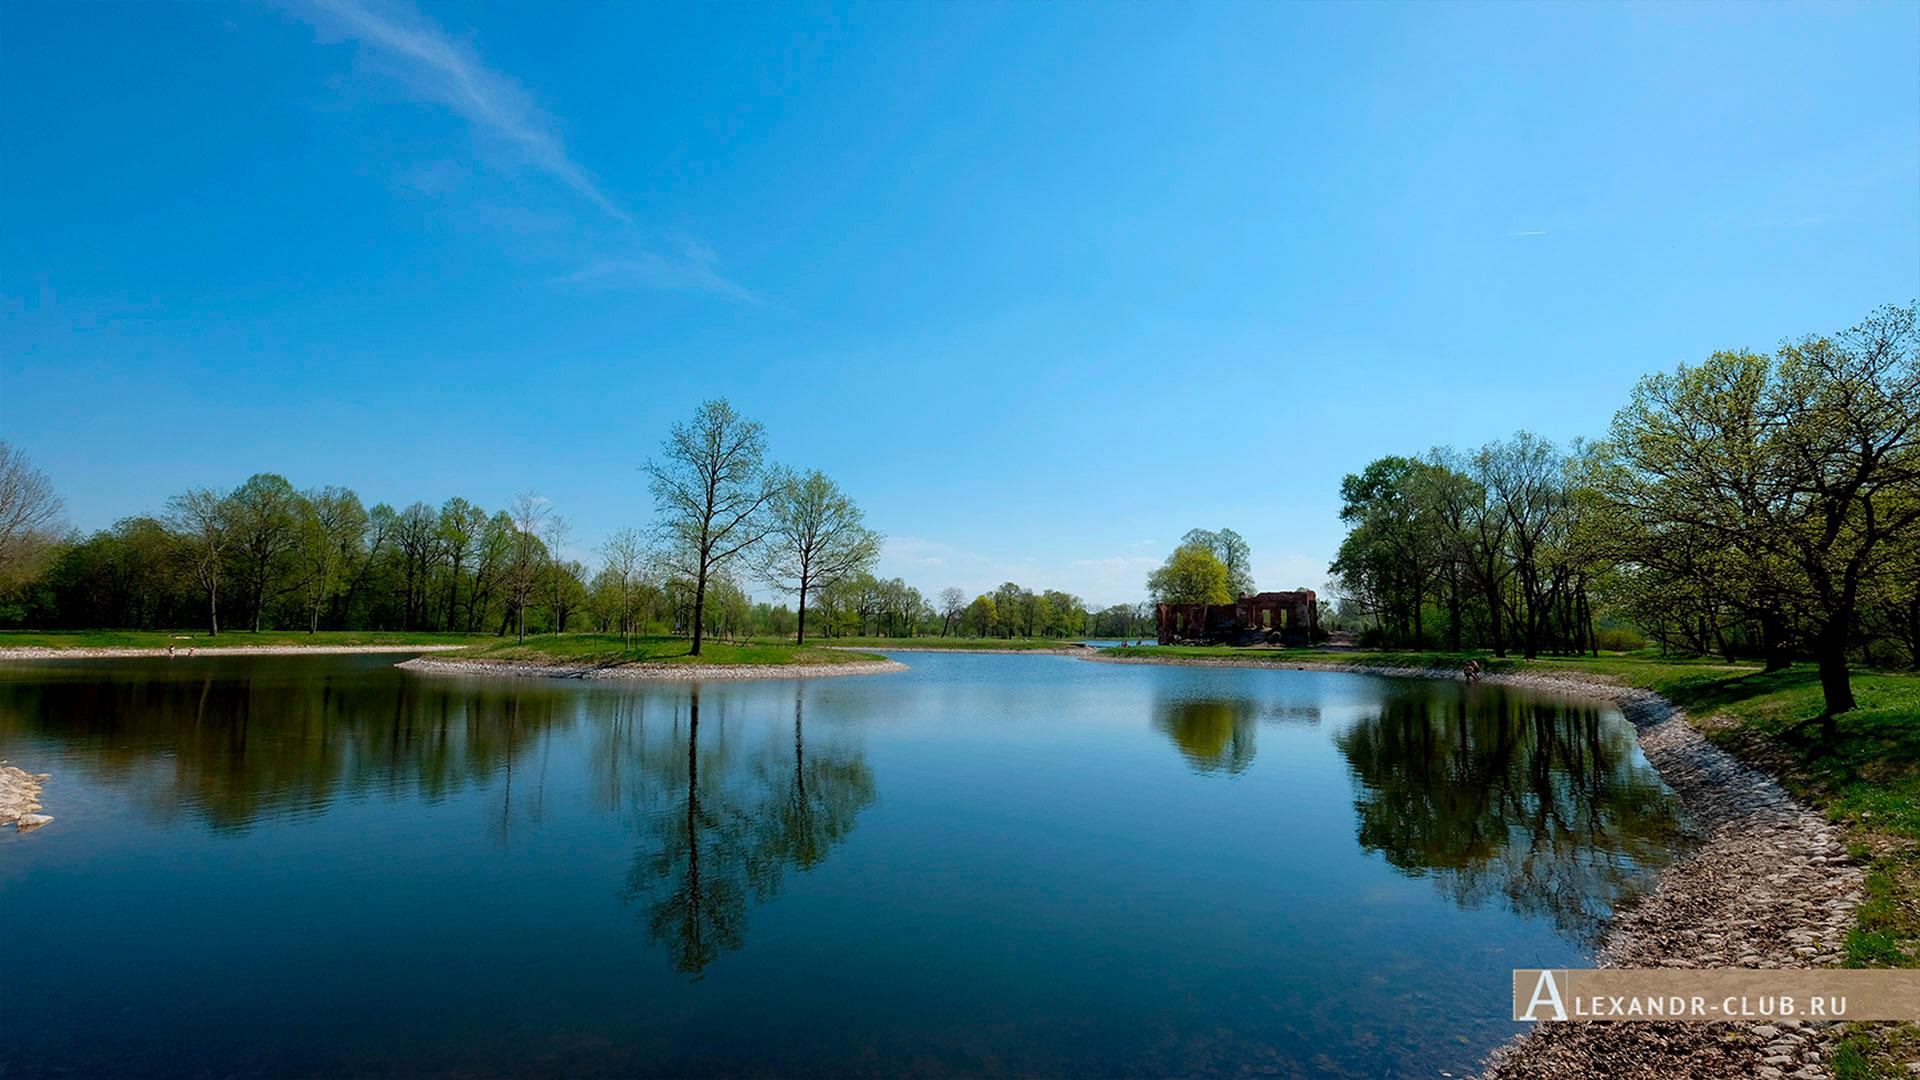 Петергоф, Луговой парк, весна, Малый Круглый пруд